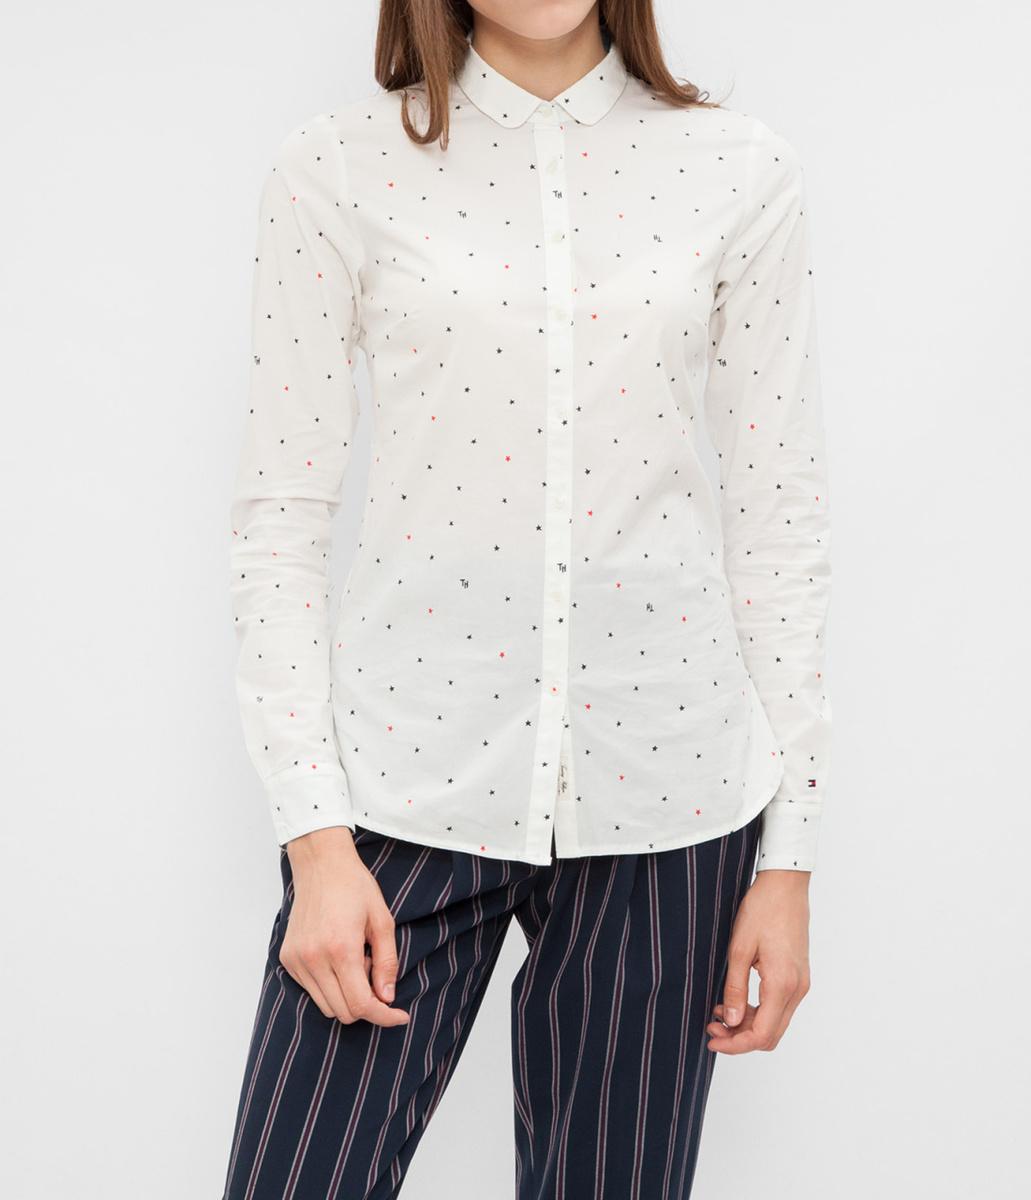 Tommy Hilfiger dámská smetanová košile se vzorem - Mode.cz 3c643af8dd